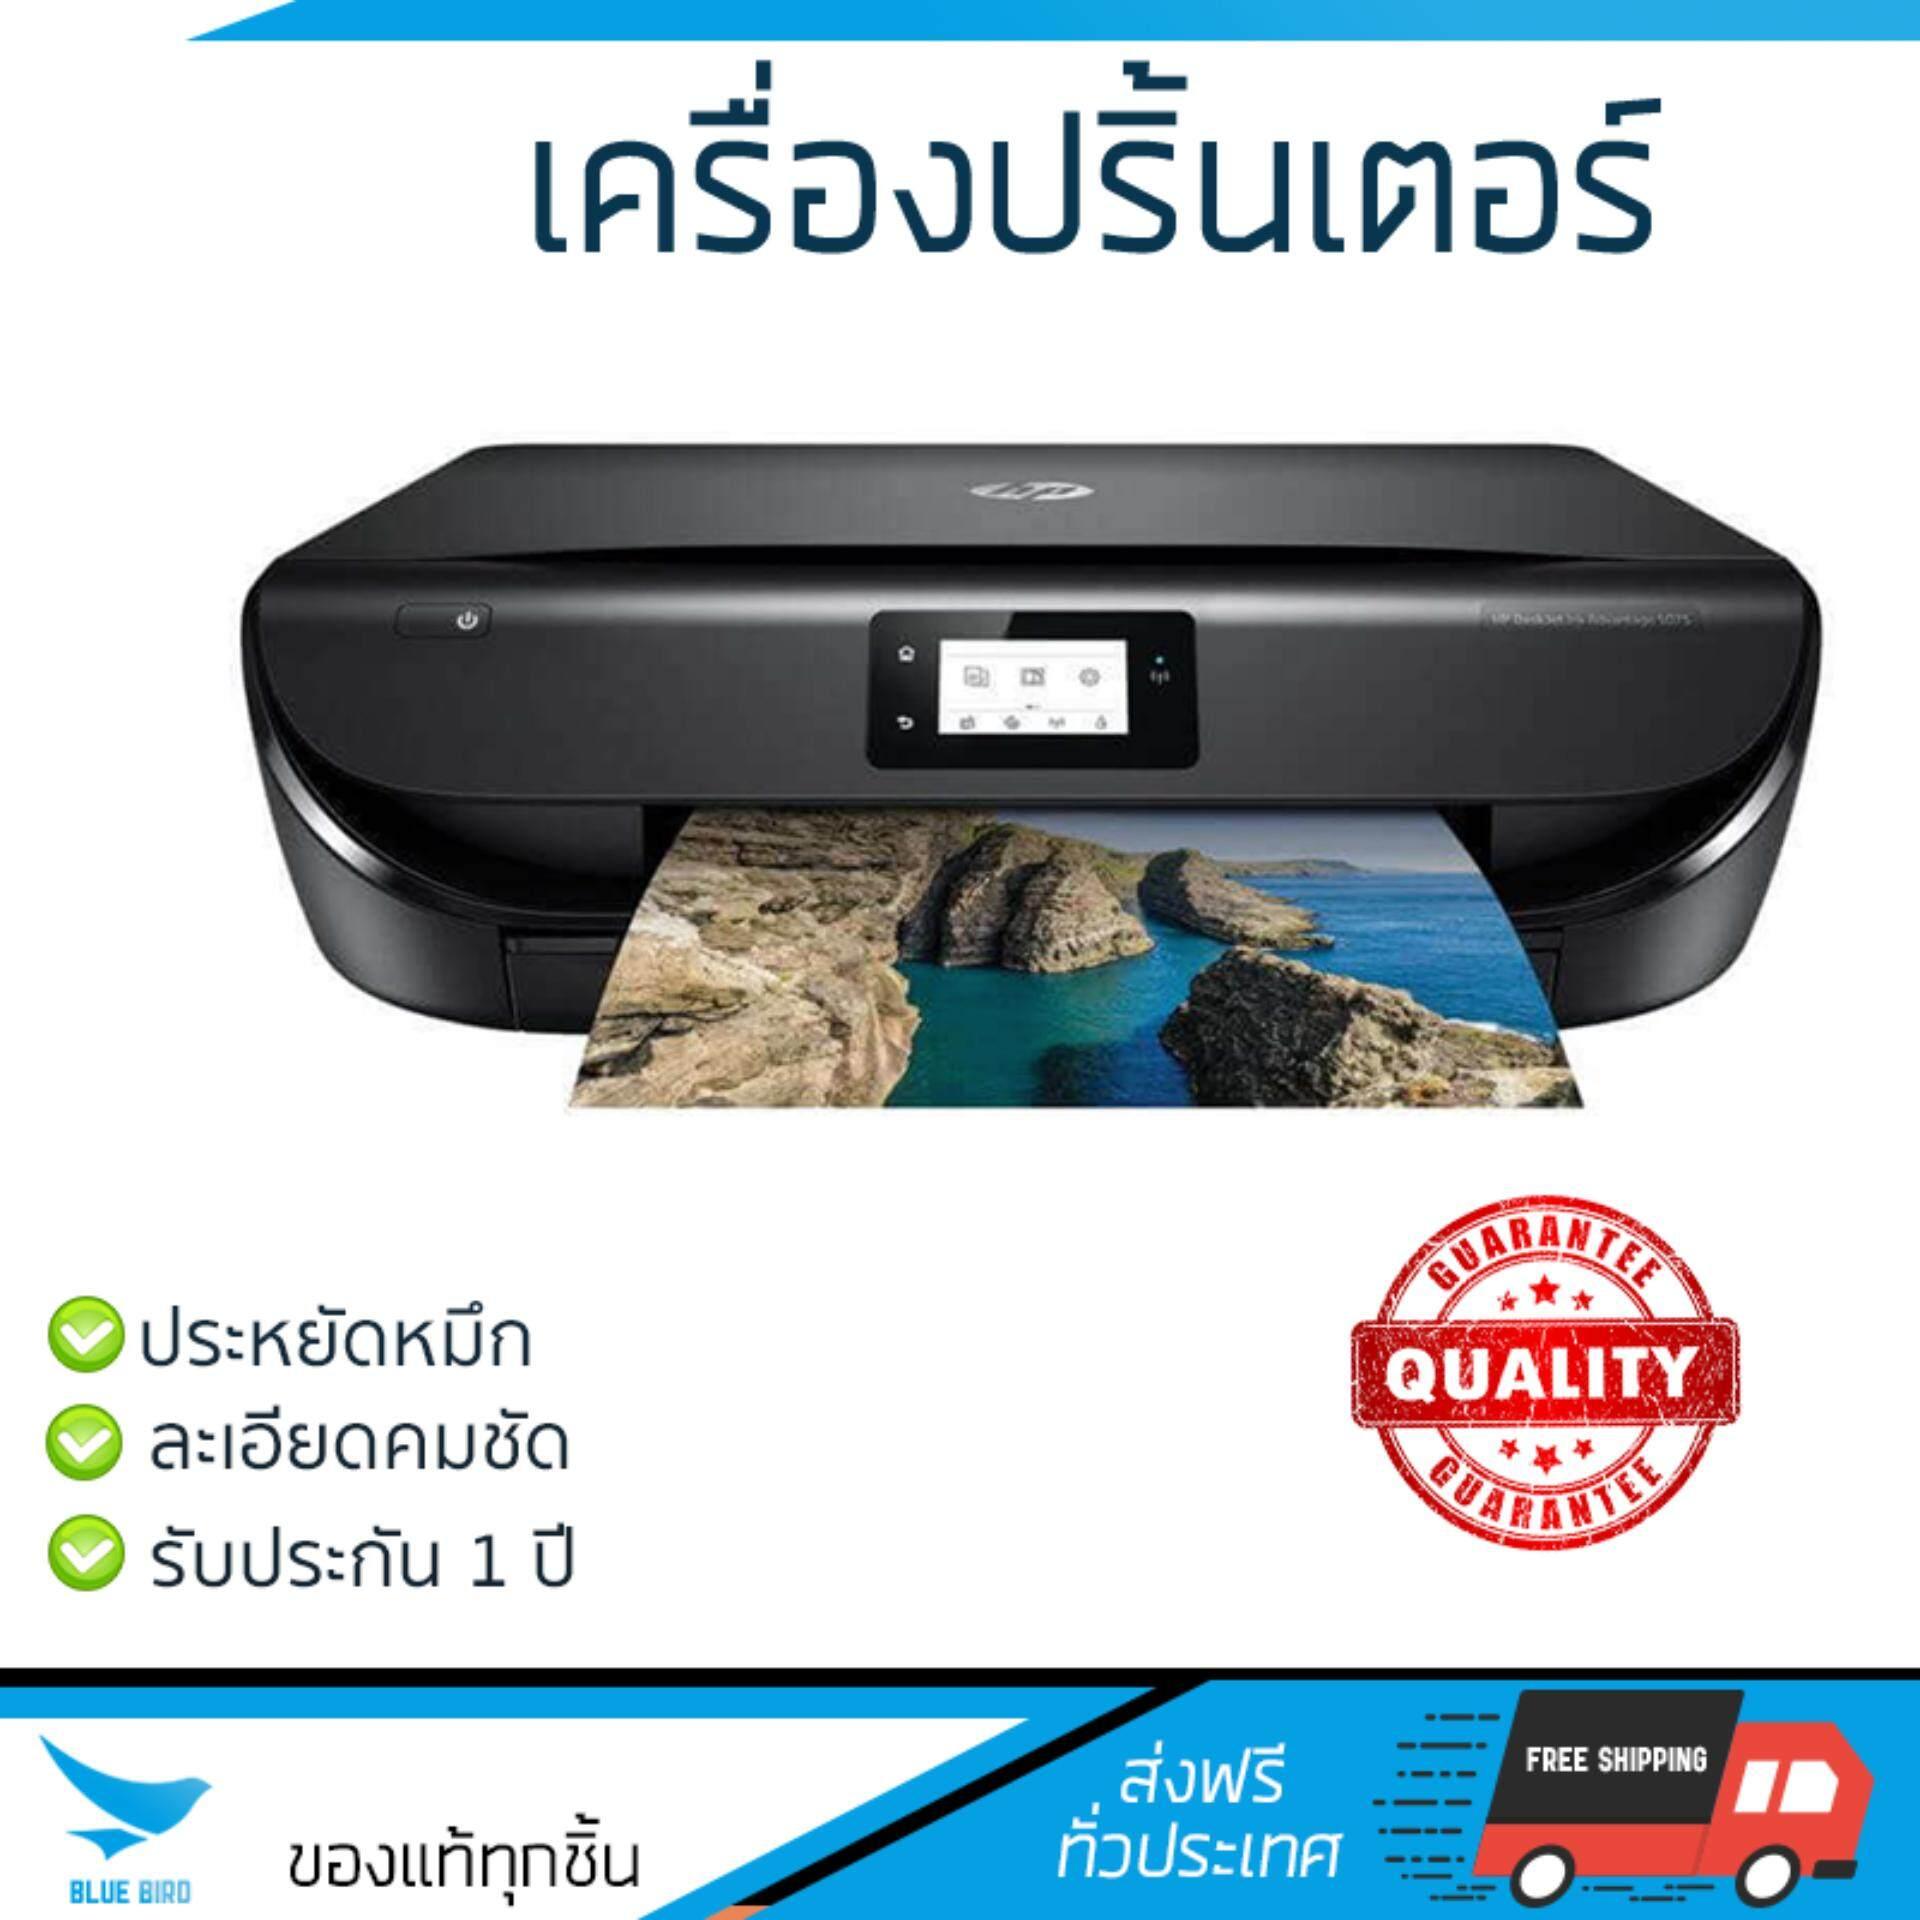 สุดยอดสินค้า!! โปรโมชัน เครื่องพิมพ์           HP เครื่องพิมพ์อิงค์เจ็ท 3 IN 1 (สีดำ) รุ่น Deskjet IA 5075             ความละเอียดสูง คมชัด ประหยัดหมึก เครื่องปริ้น เครื่องปริ้นท์ All in one Printer ร